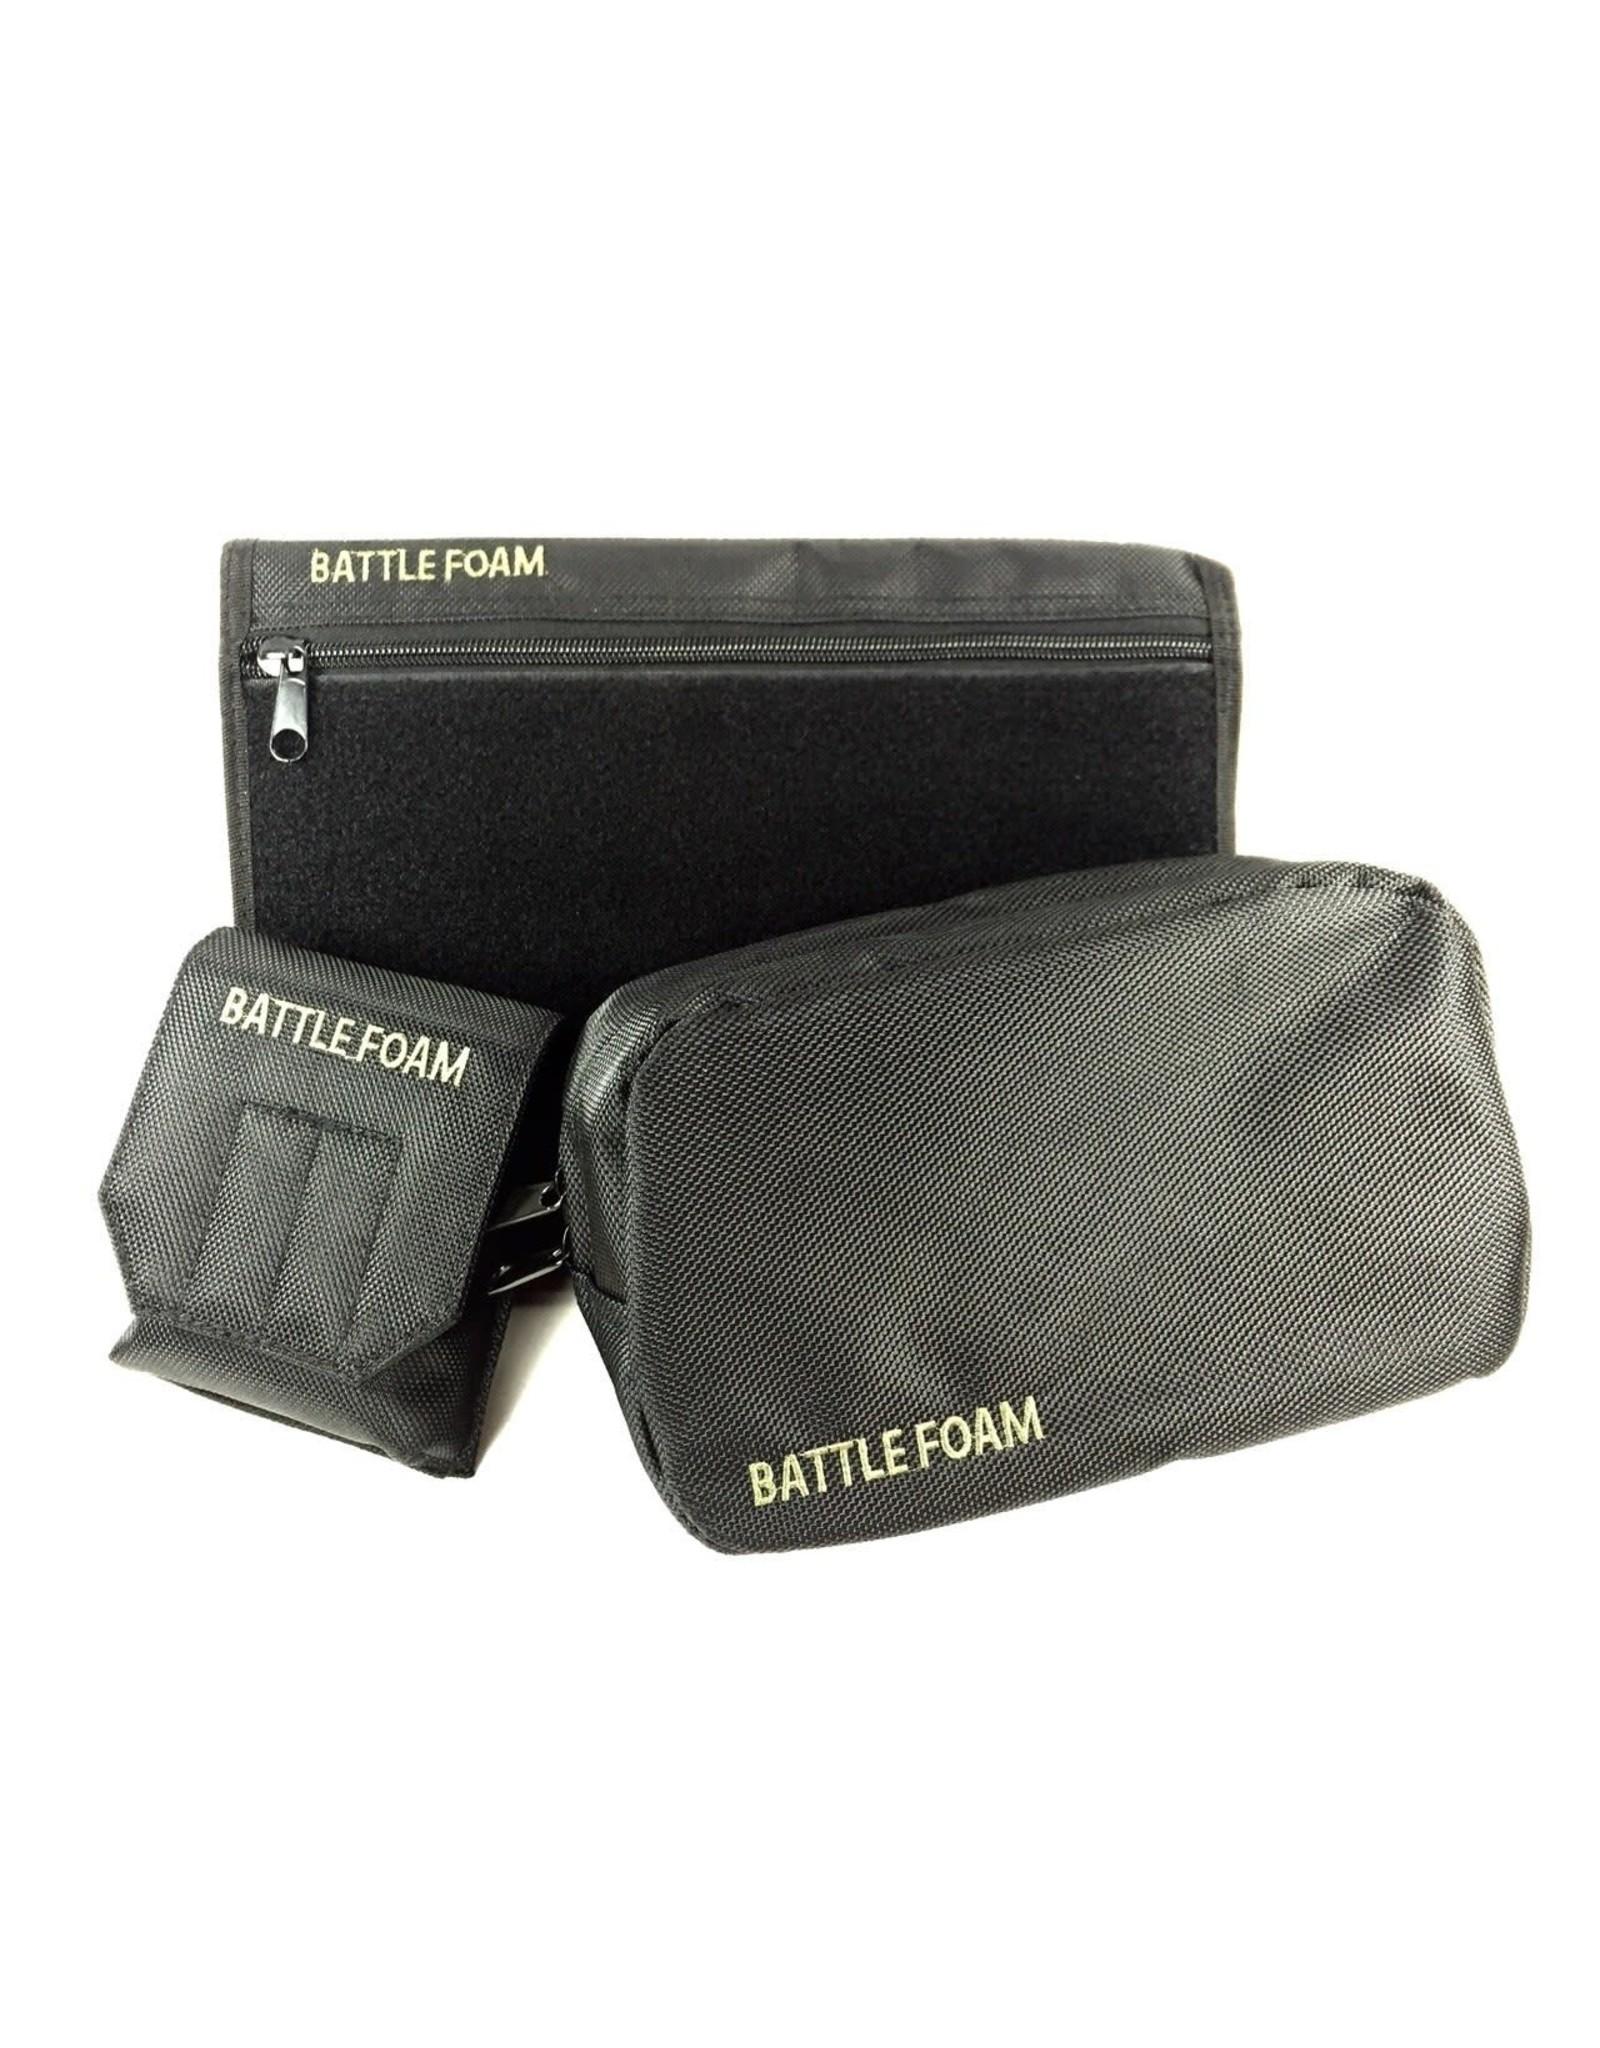 Battle Foam Grenade Ditty Media P.A.C.K. Molle Accessory Bundle (Black)